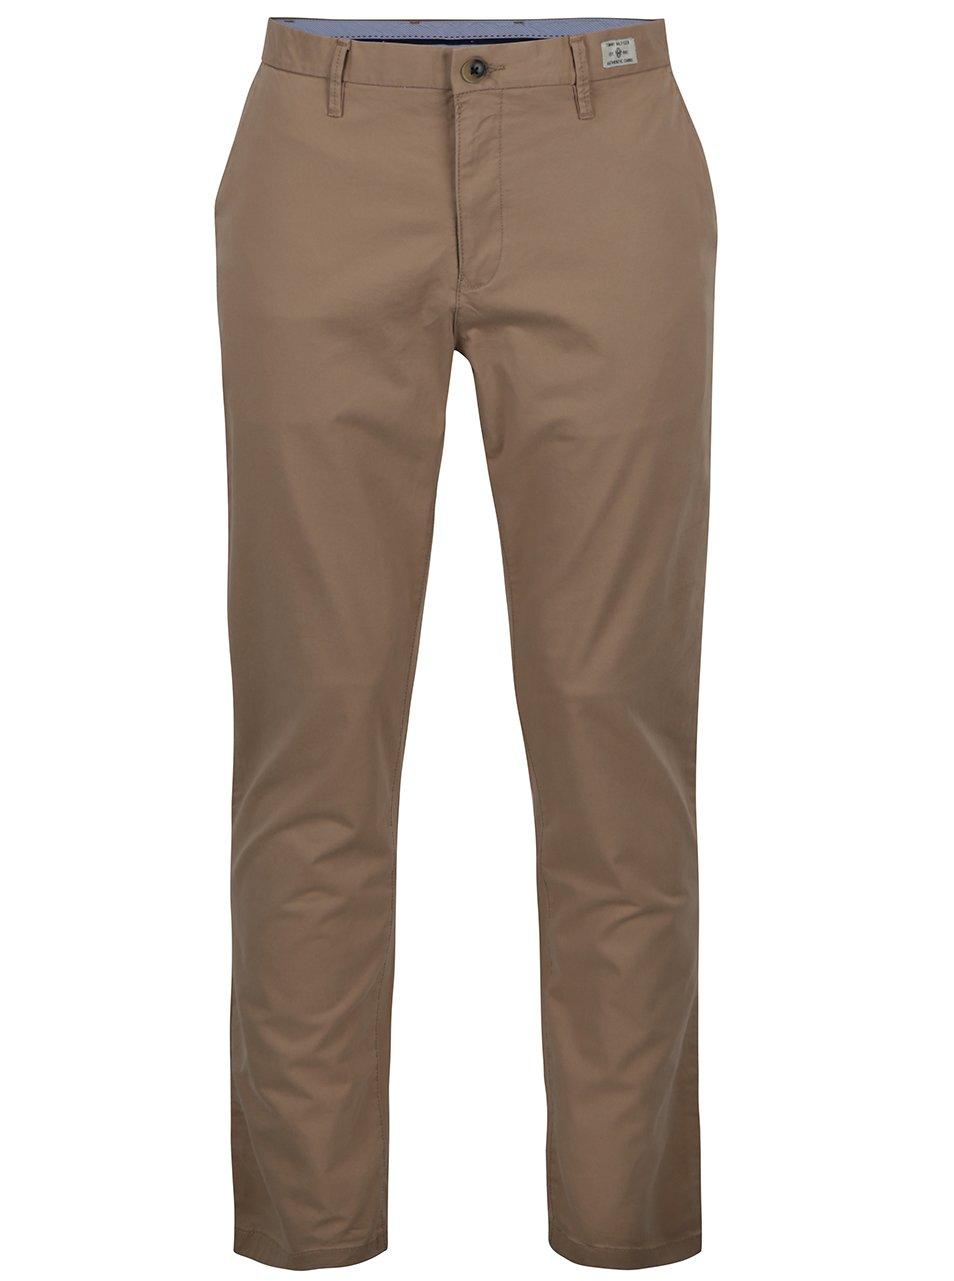 Béžové pánské chino kalhoty Tommy Hilfiger